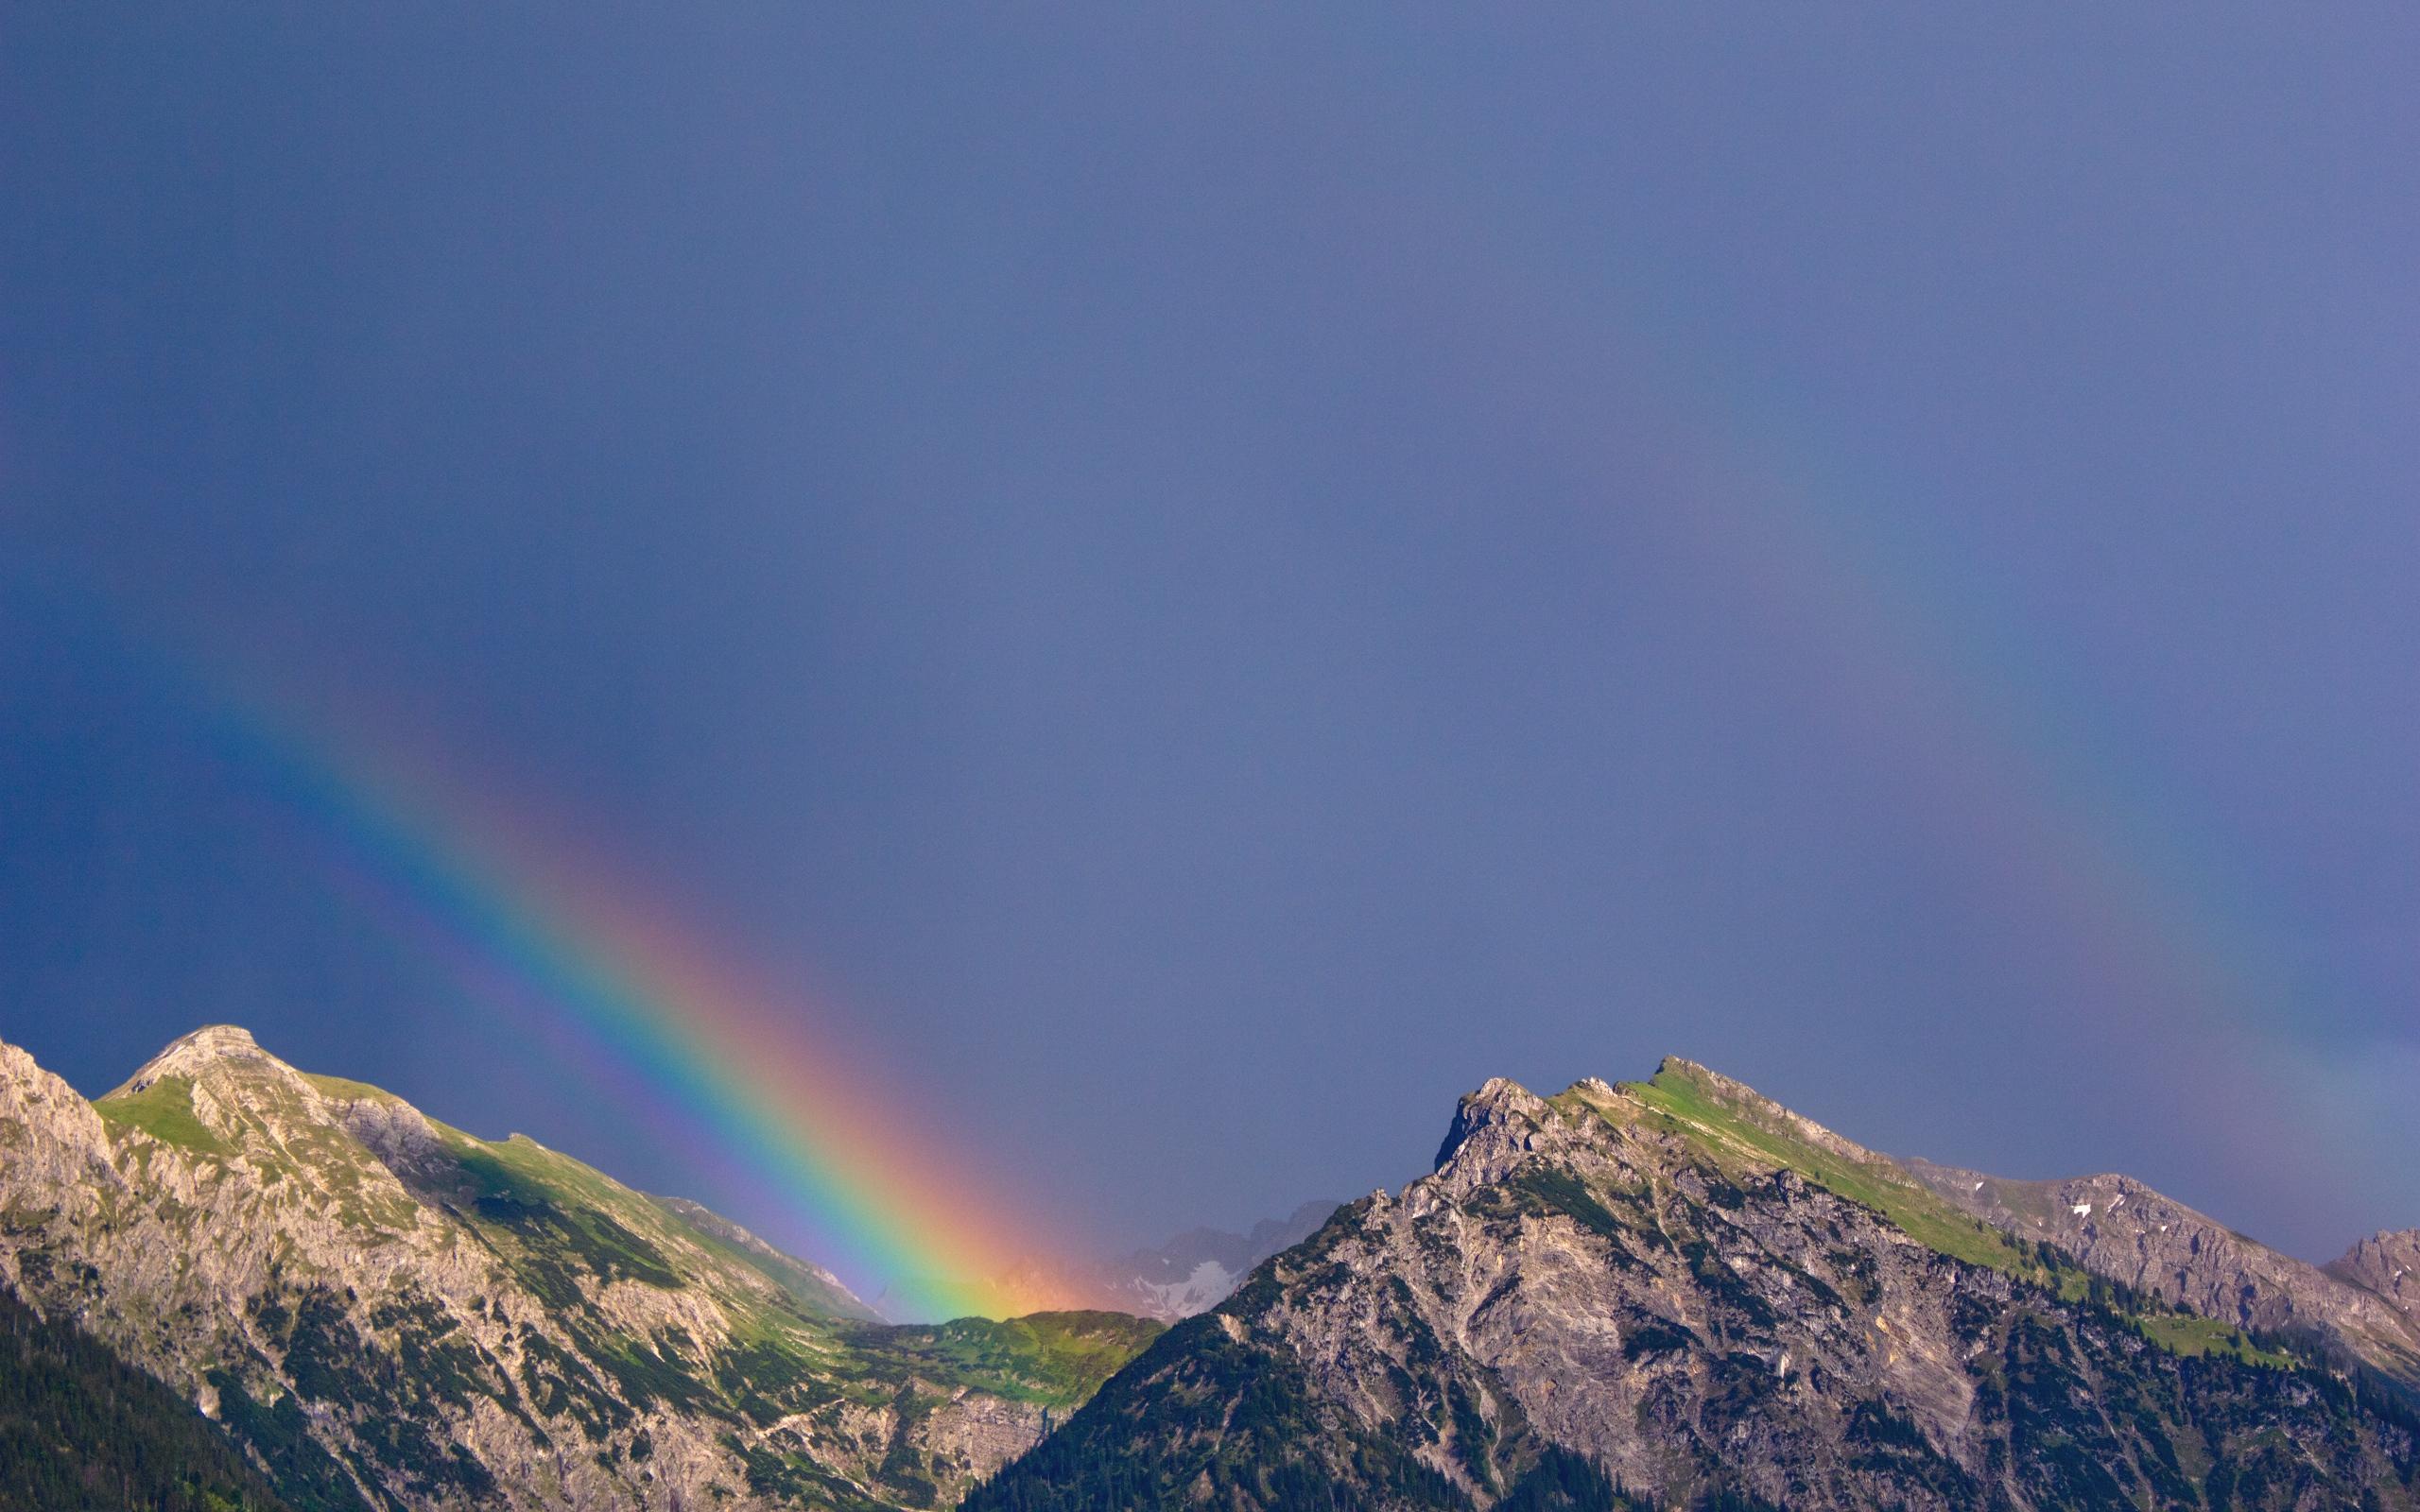 красивые виды радуги фото как правильно